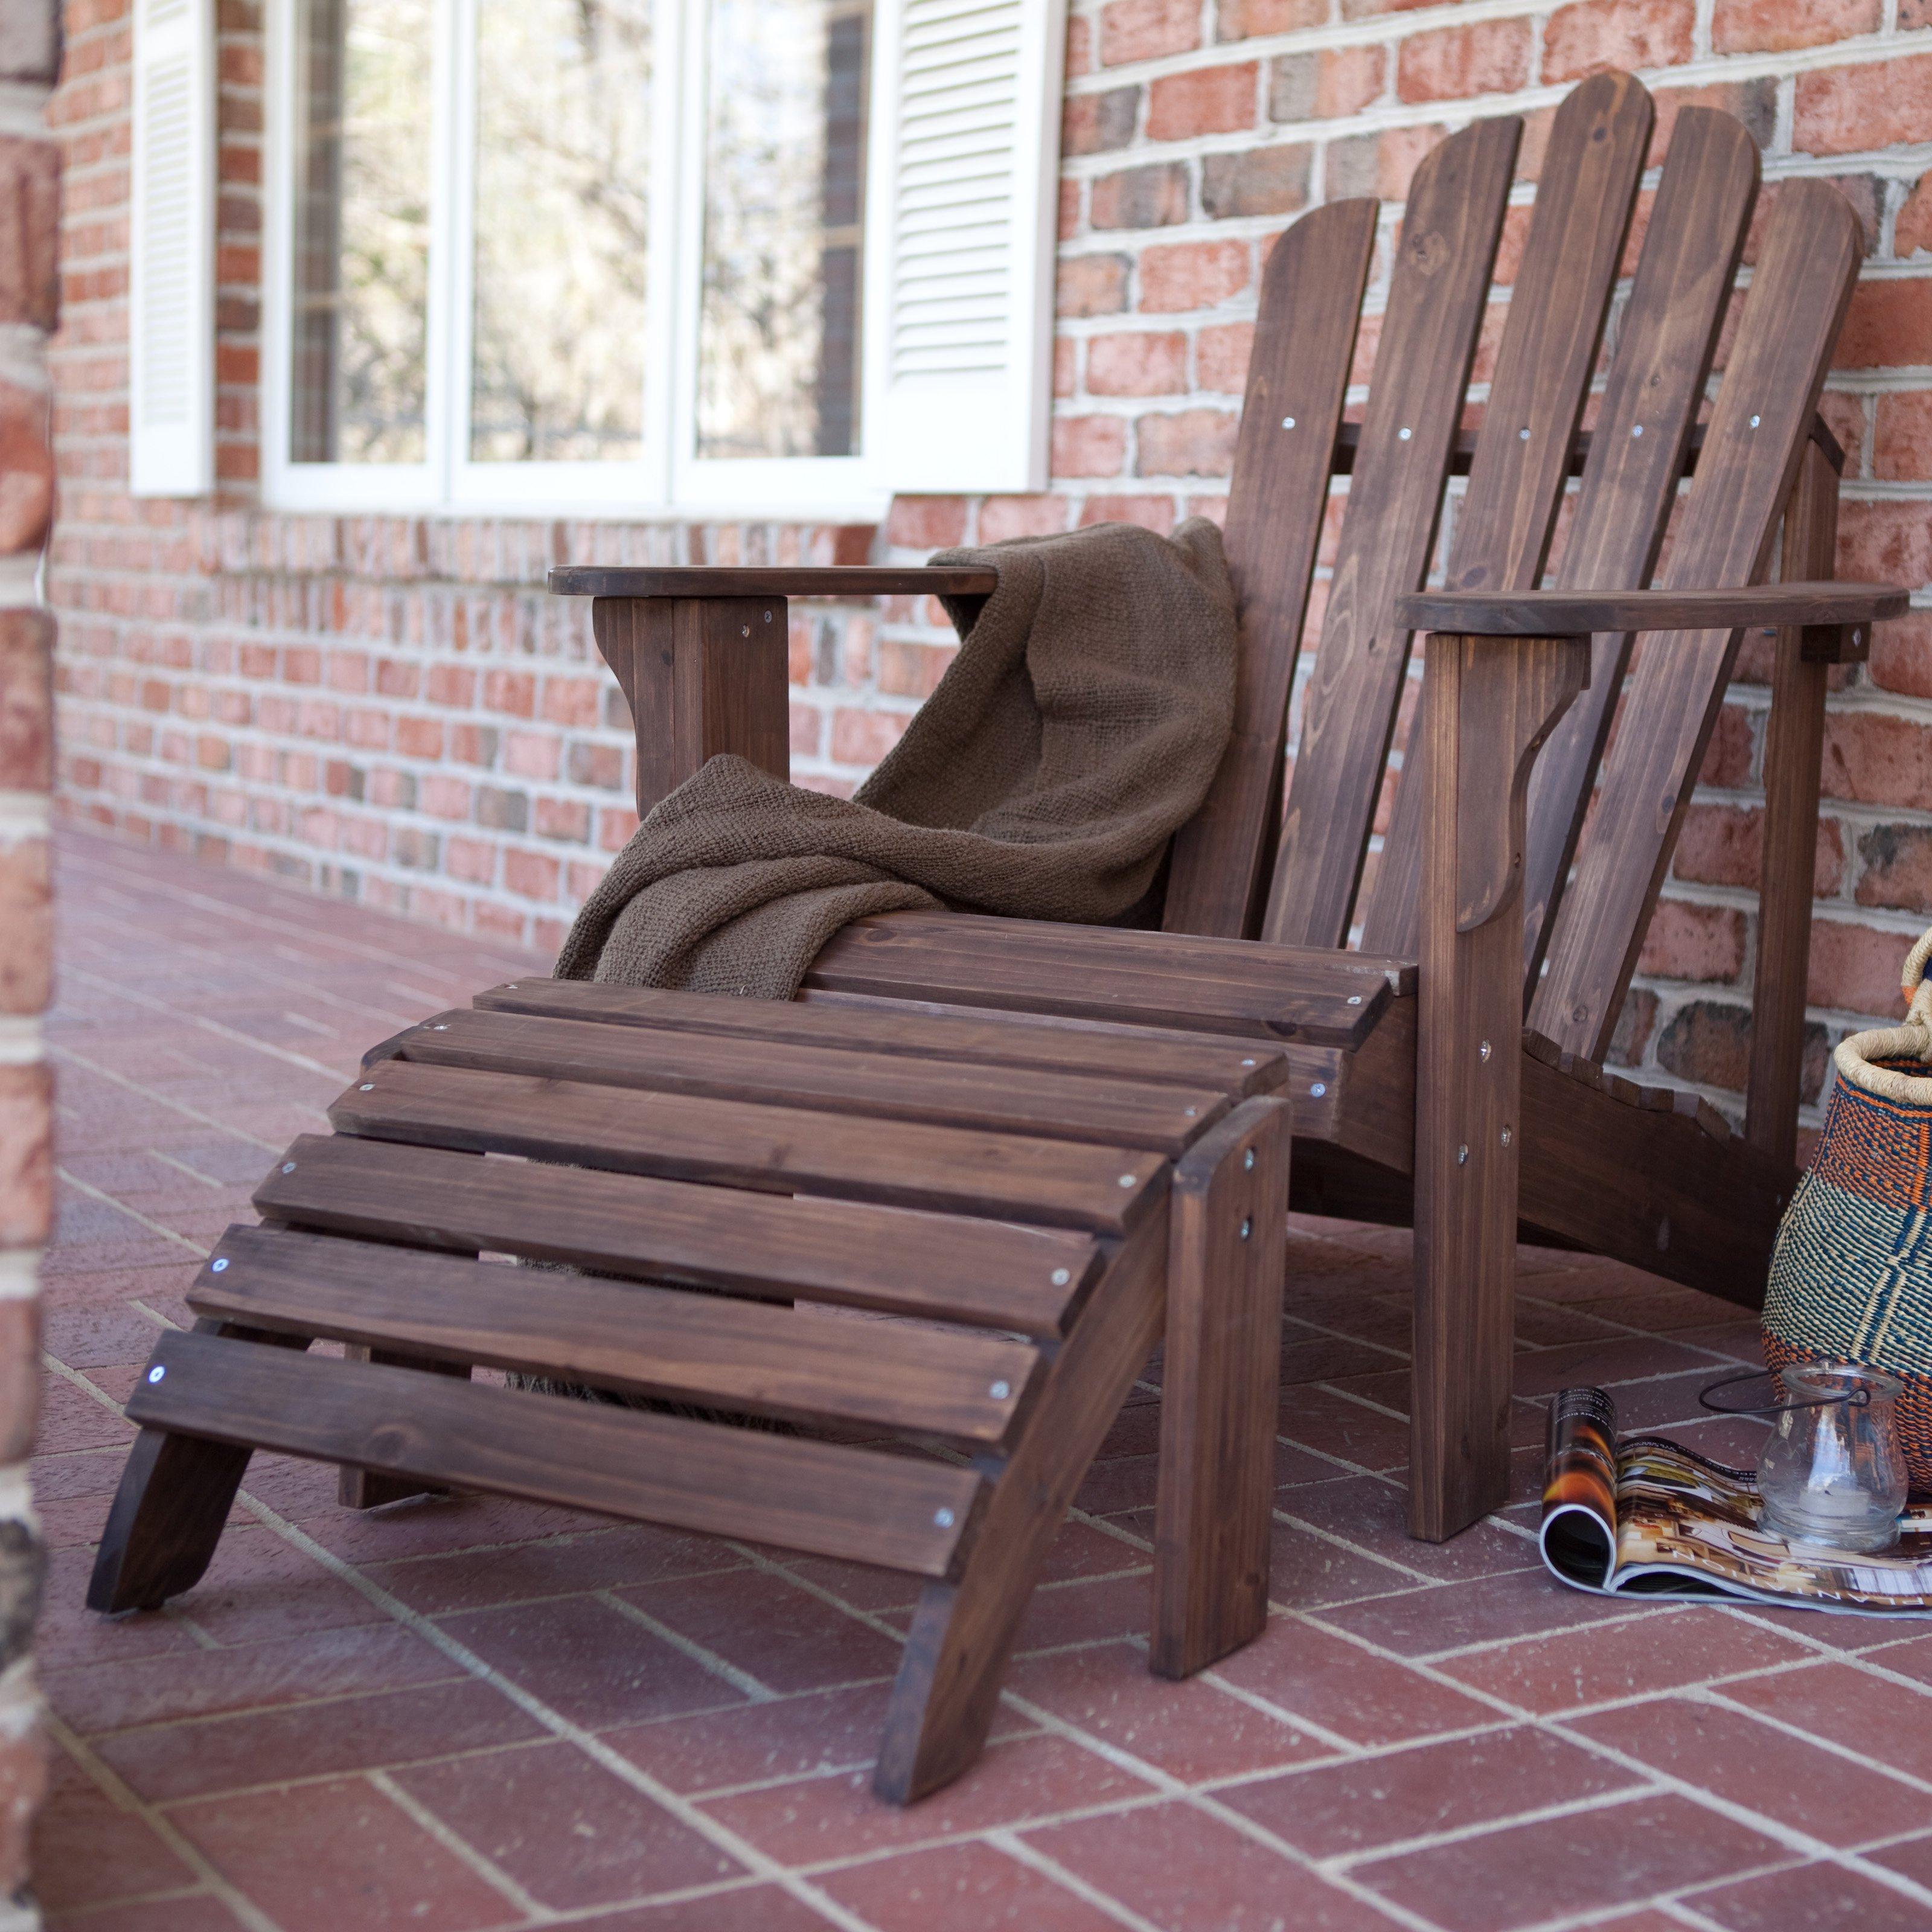 Coral Coast Adirondack Chair & Ottoman Dark Brown 2-Piece Set by